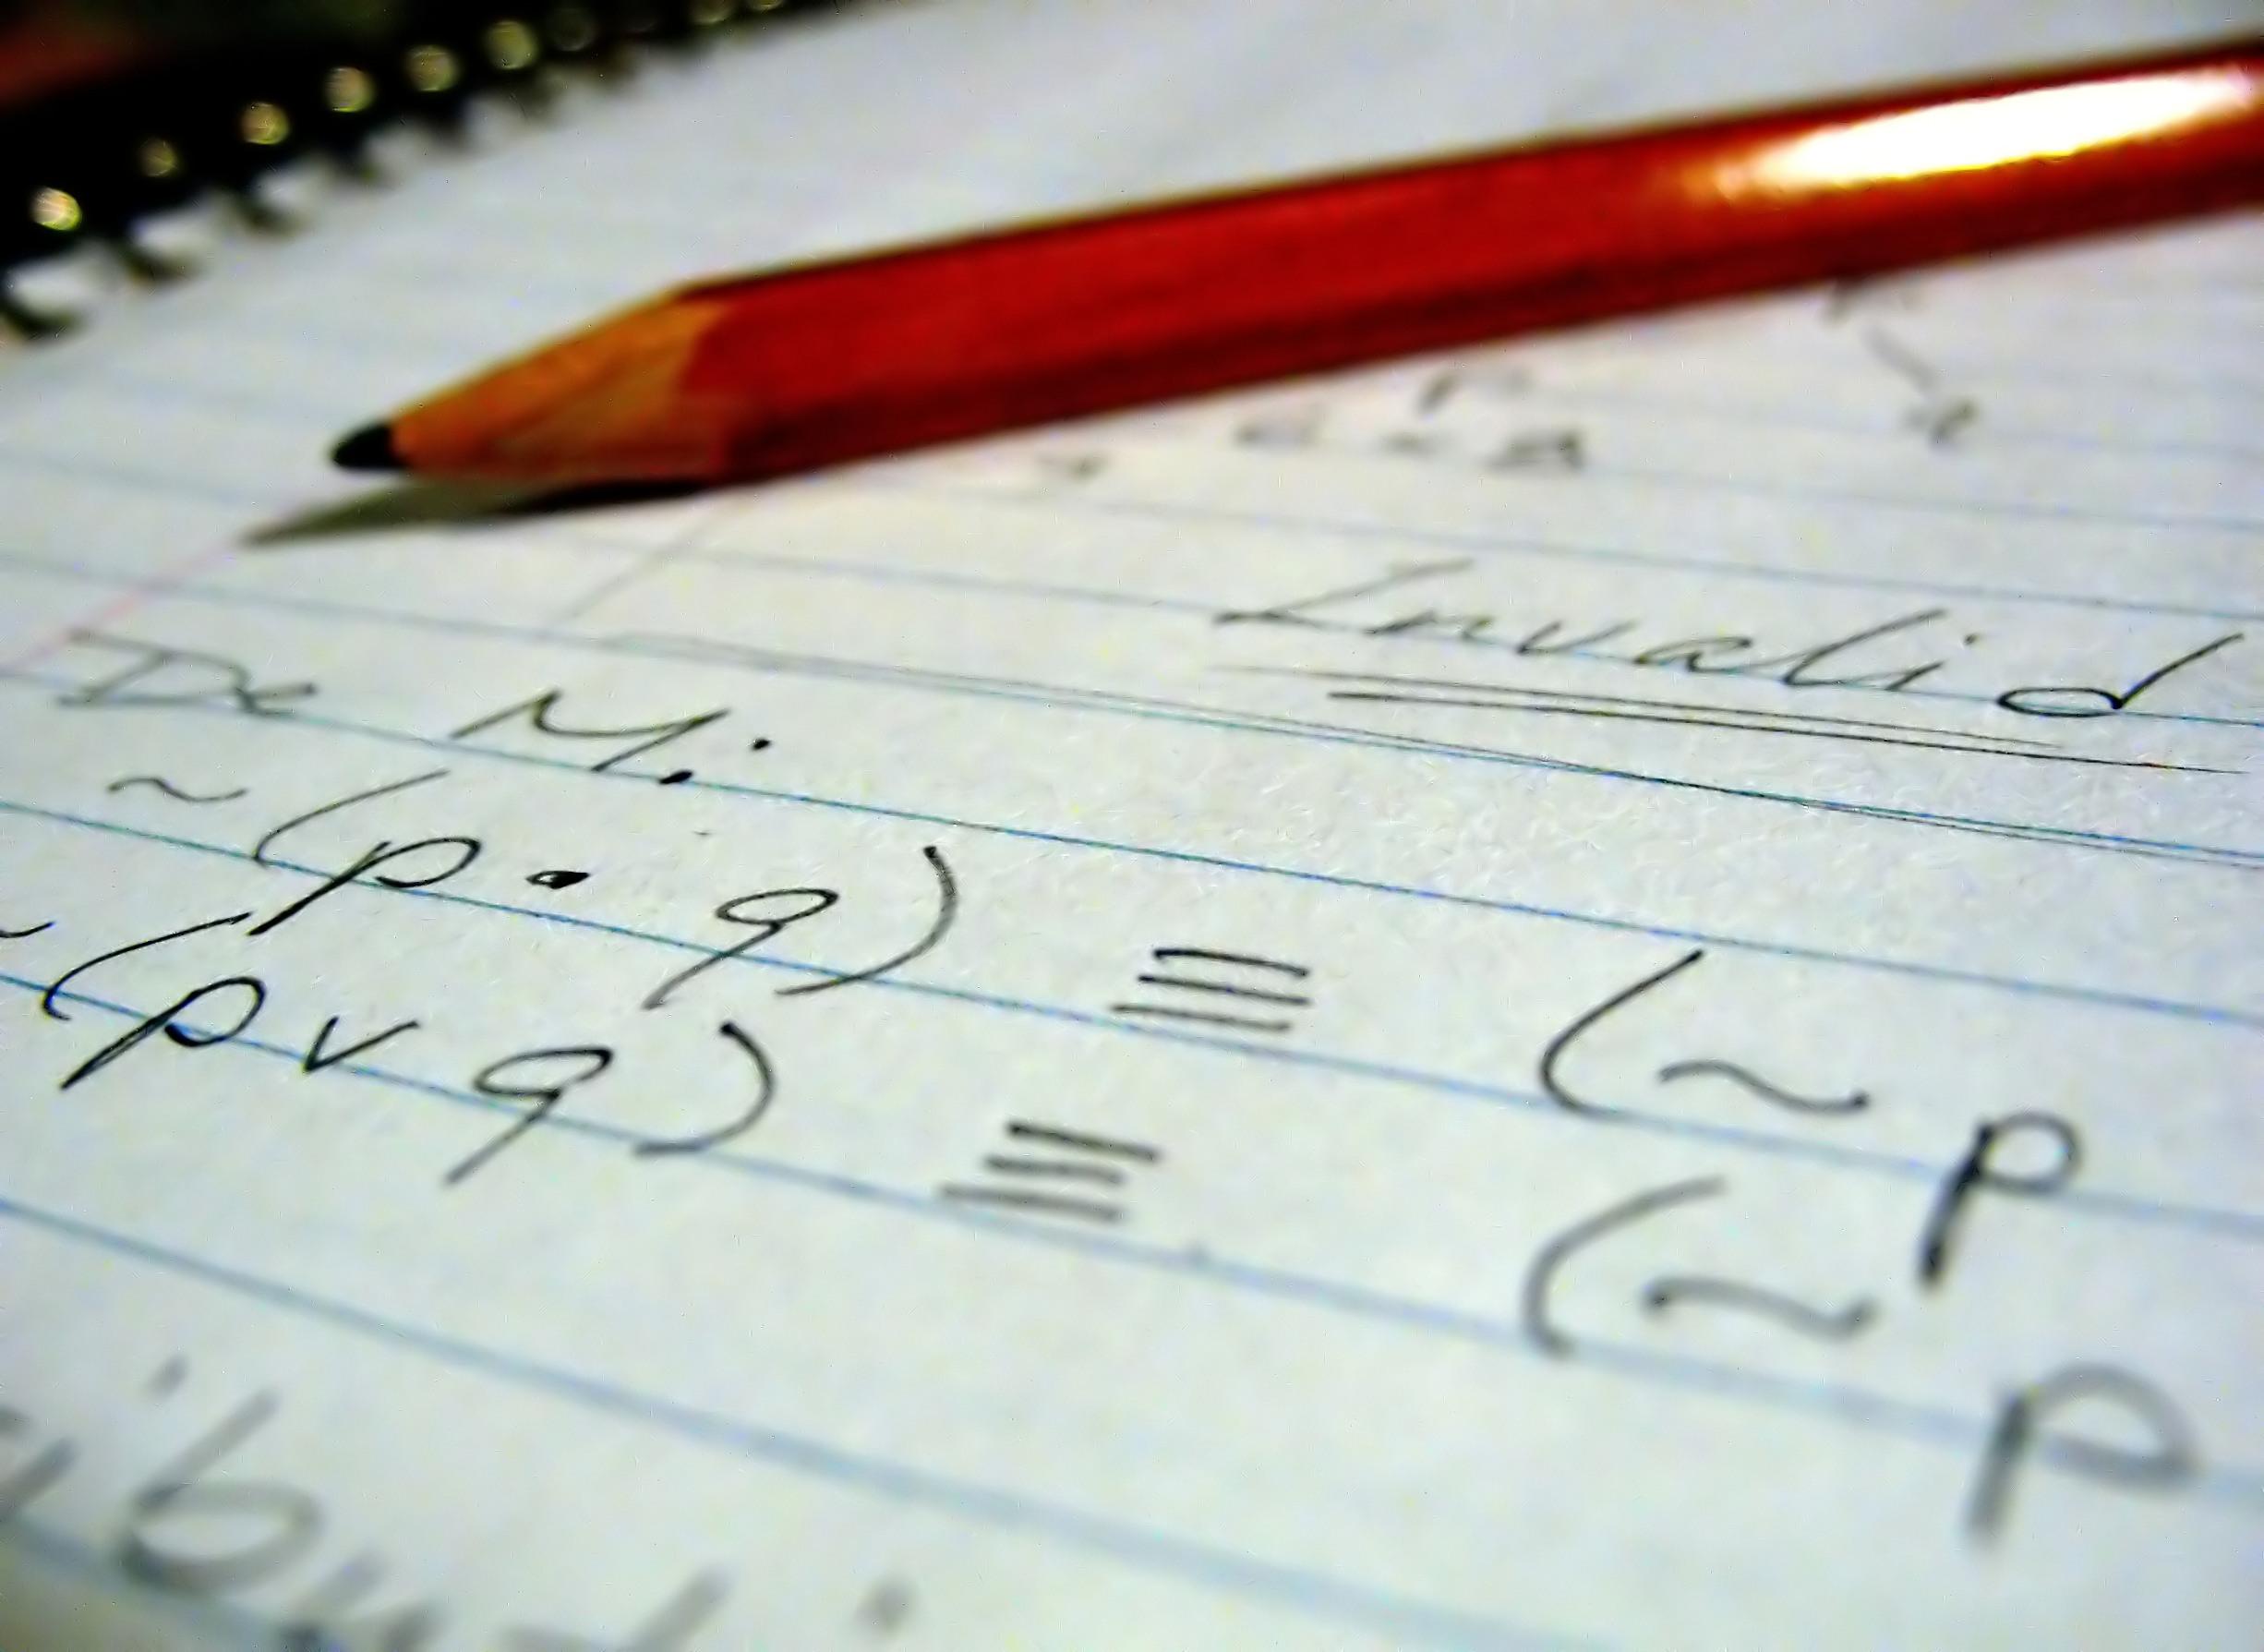 Ielts essay marking service